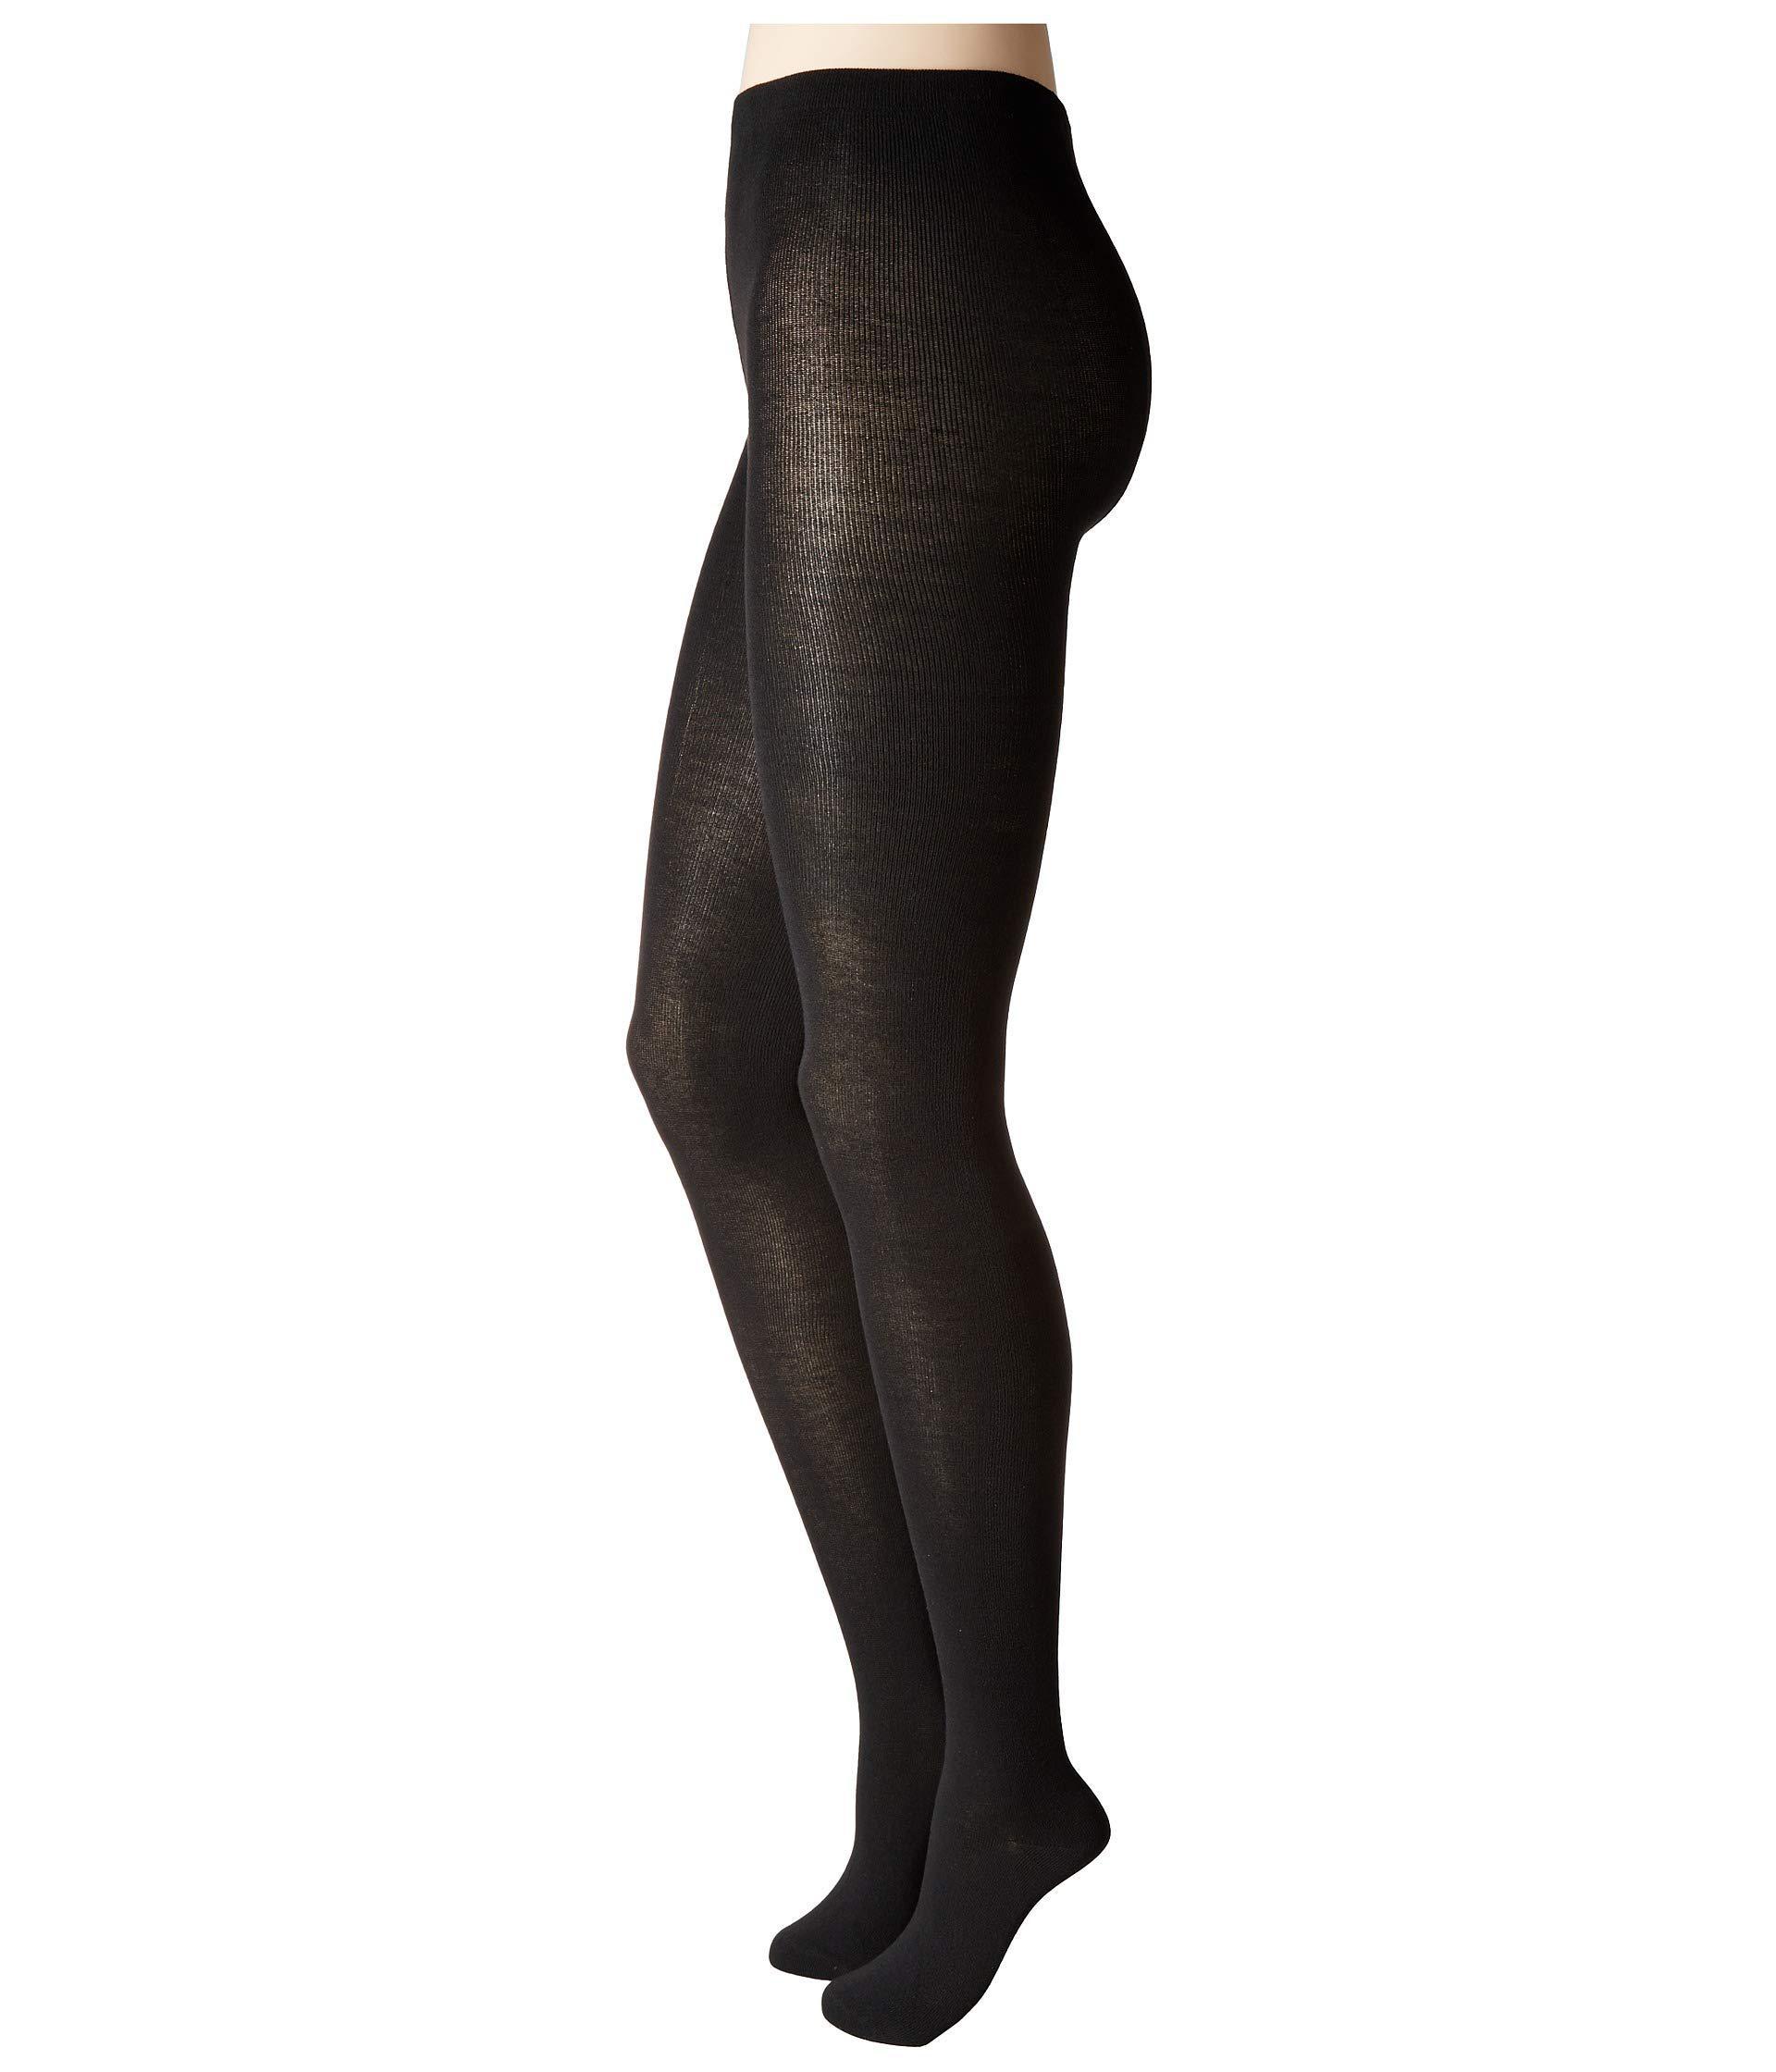 f03bc001b986e Lyst - Hue Flat Knit Sweater Tights (black) Hose in Black